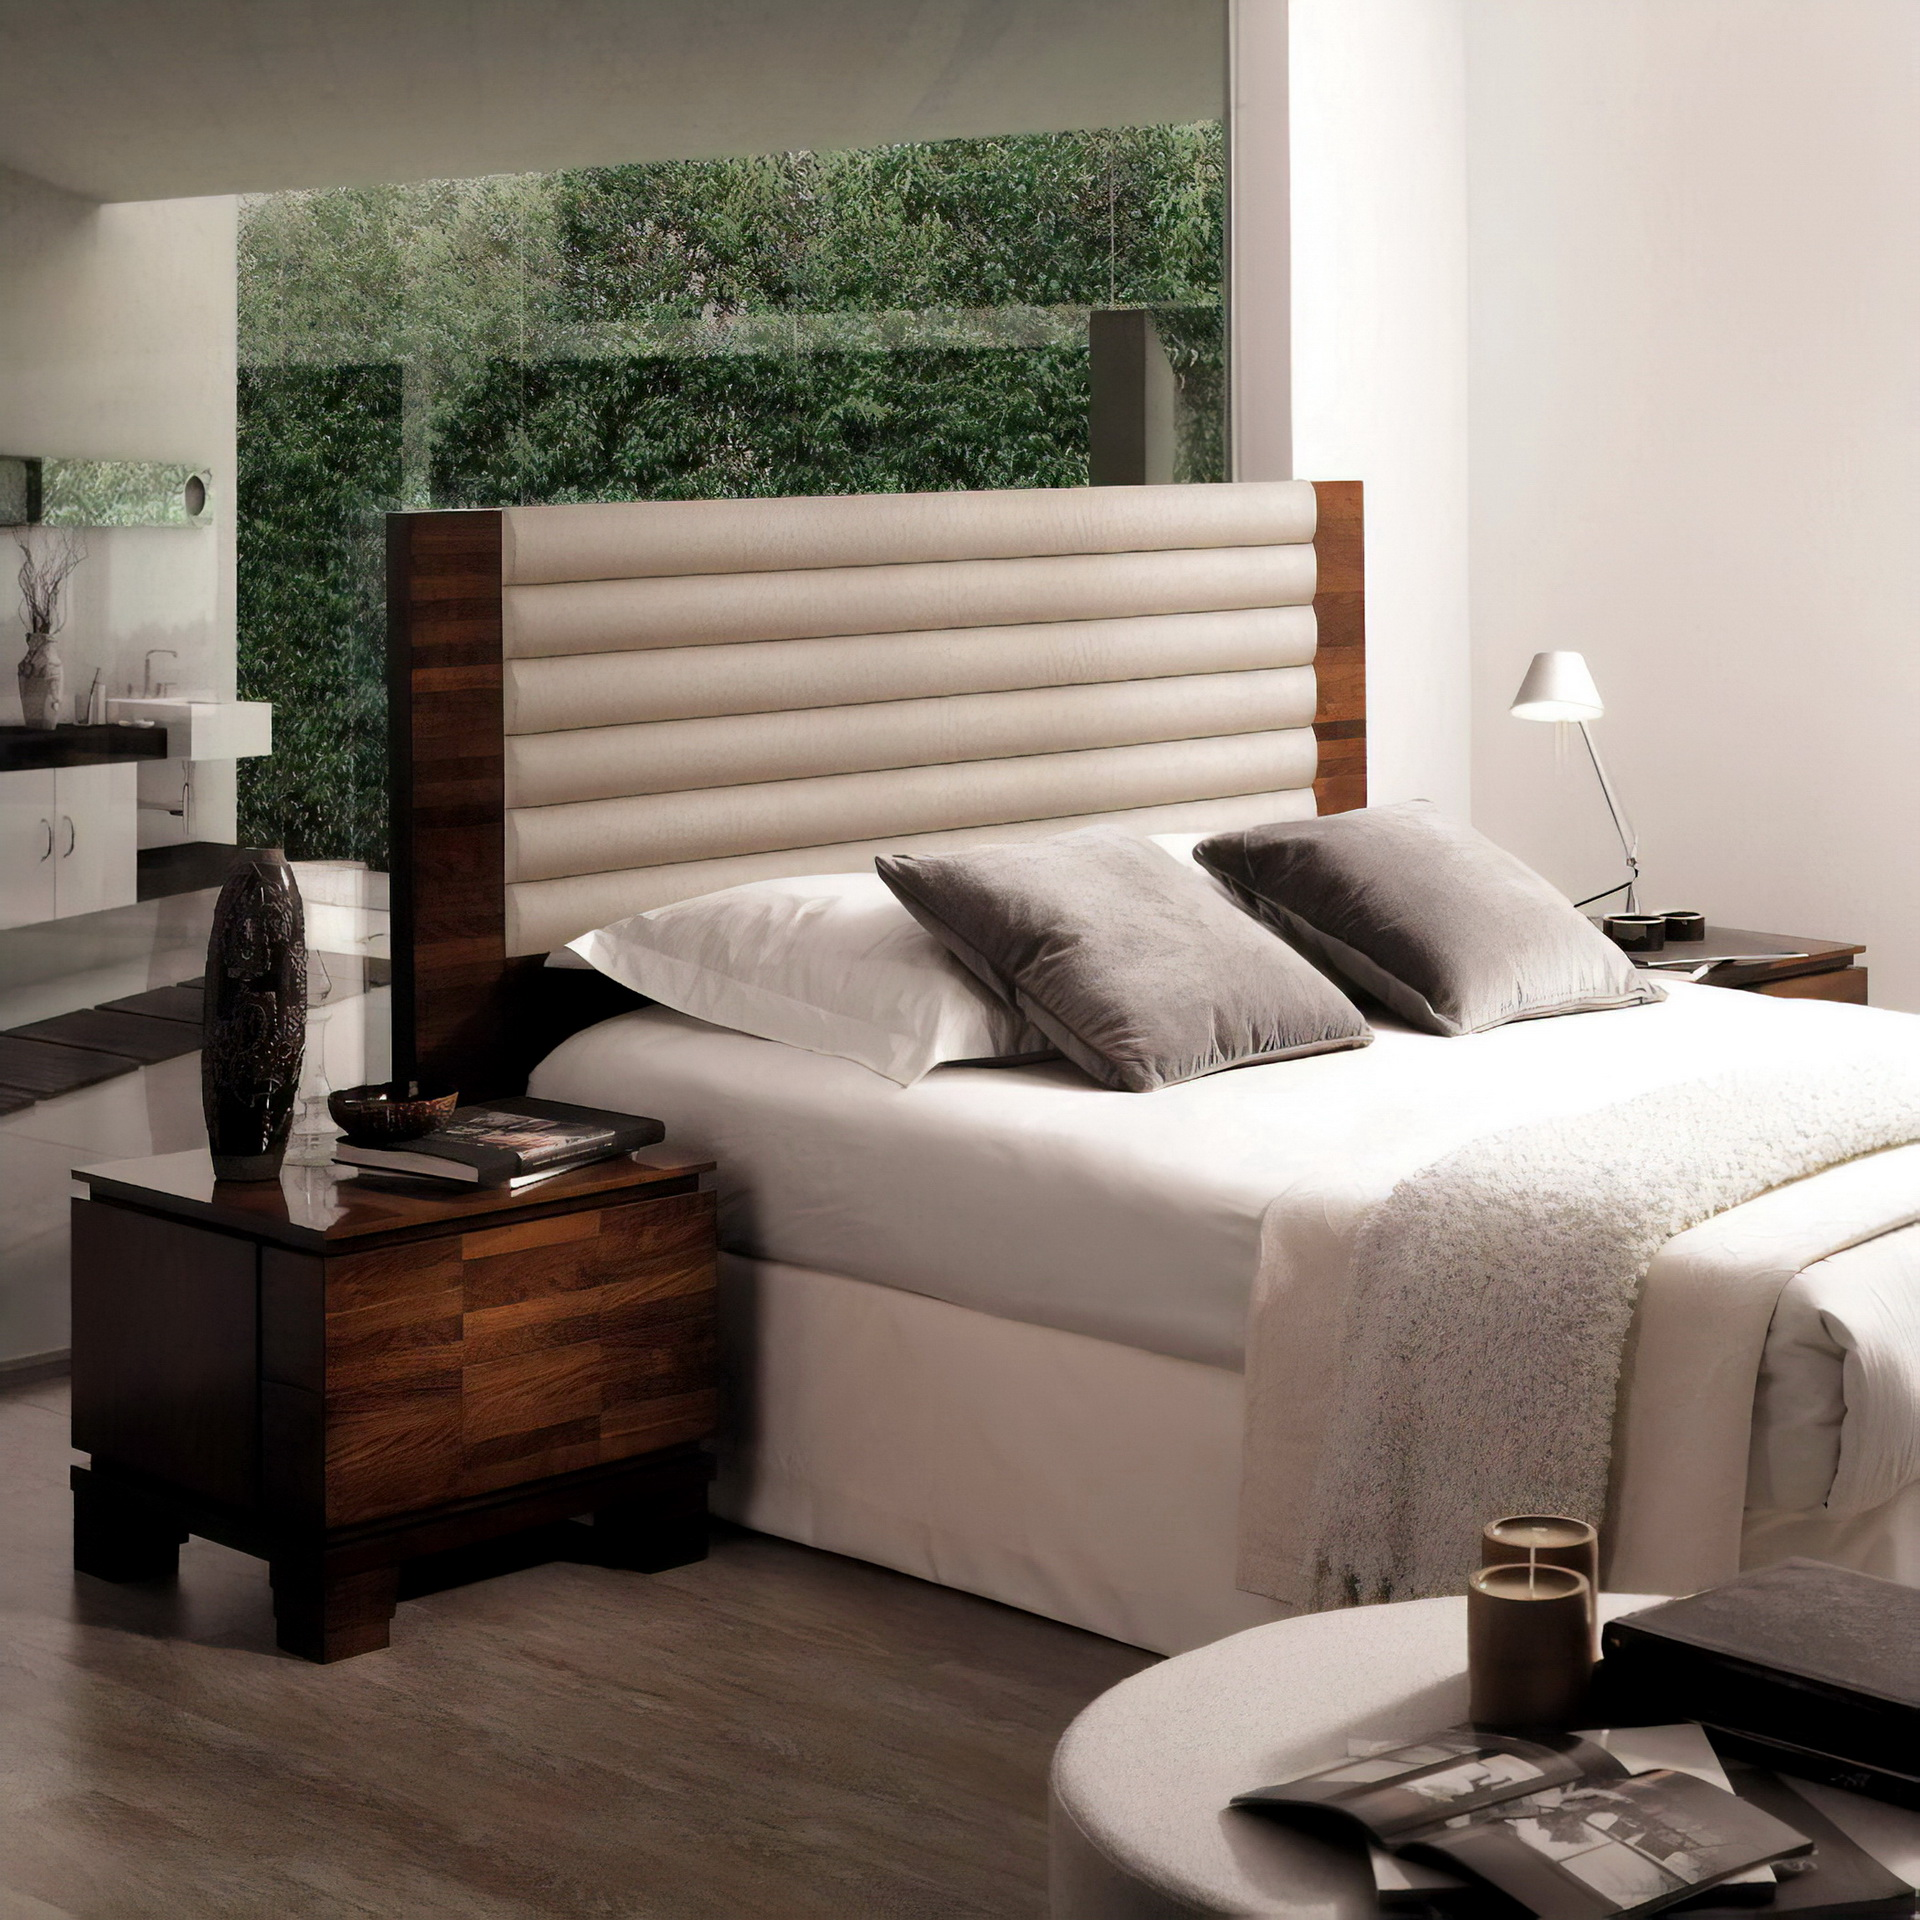 Dormitorio cama tapizada Quorum-3Q6158-4-306 by HURTADO en Muebles ANTOÑÁN León